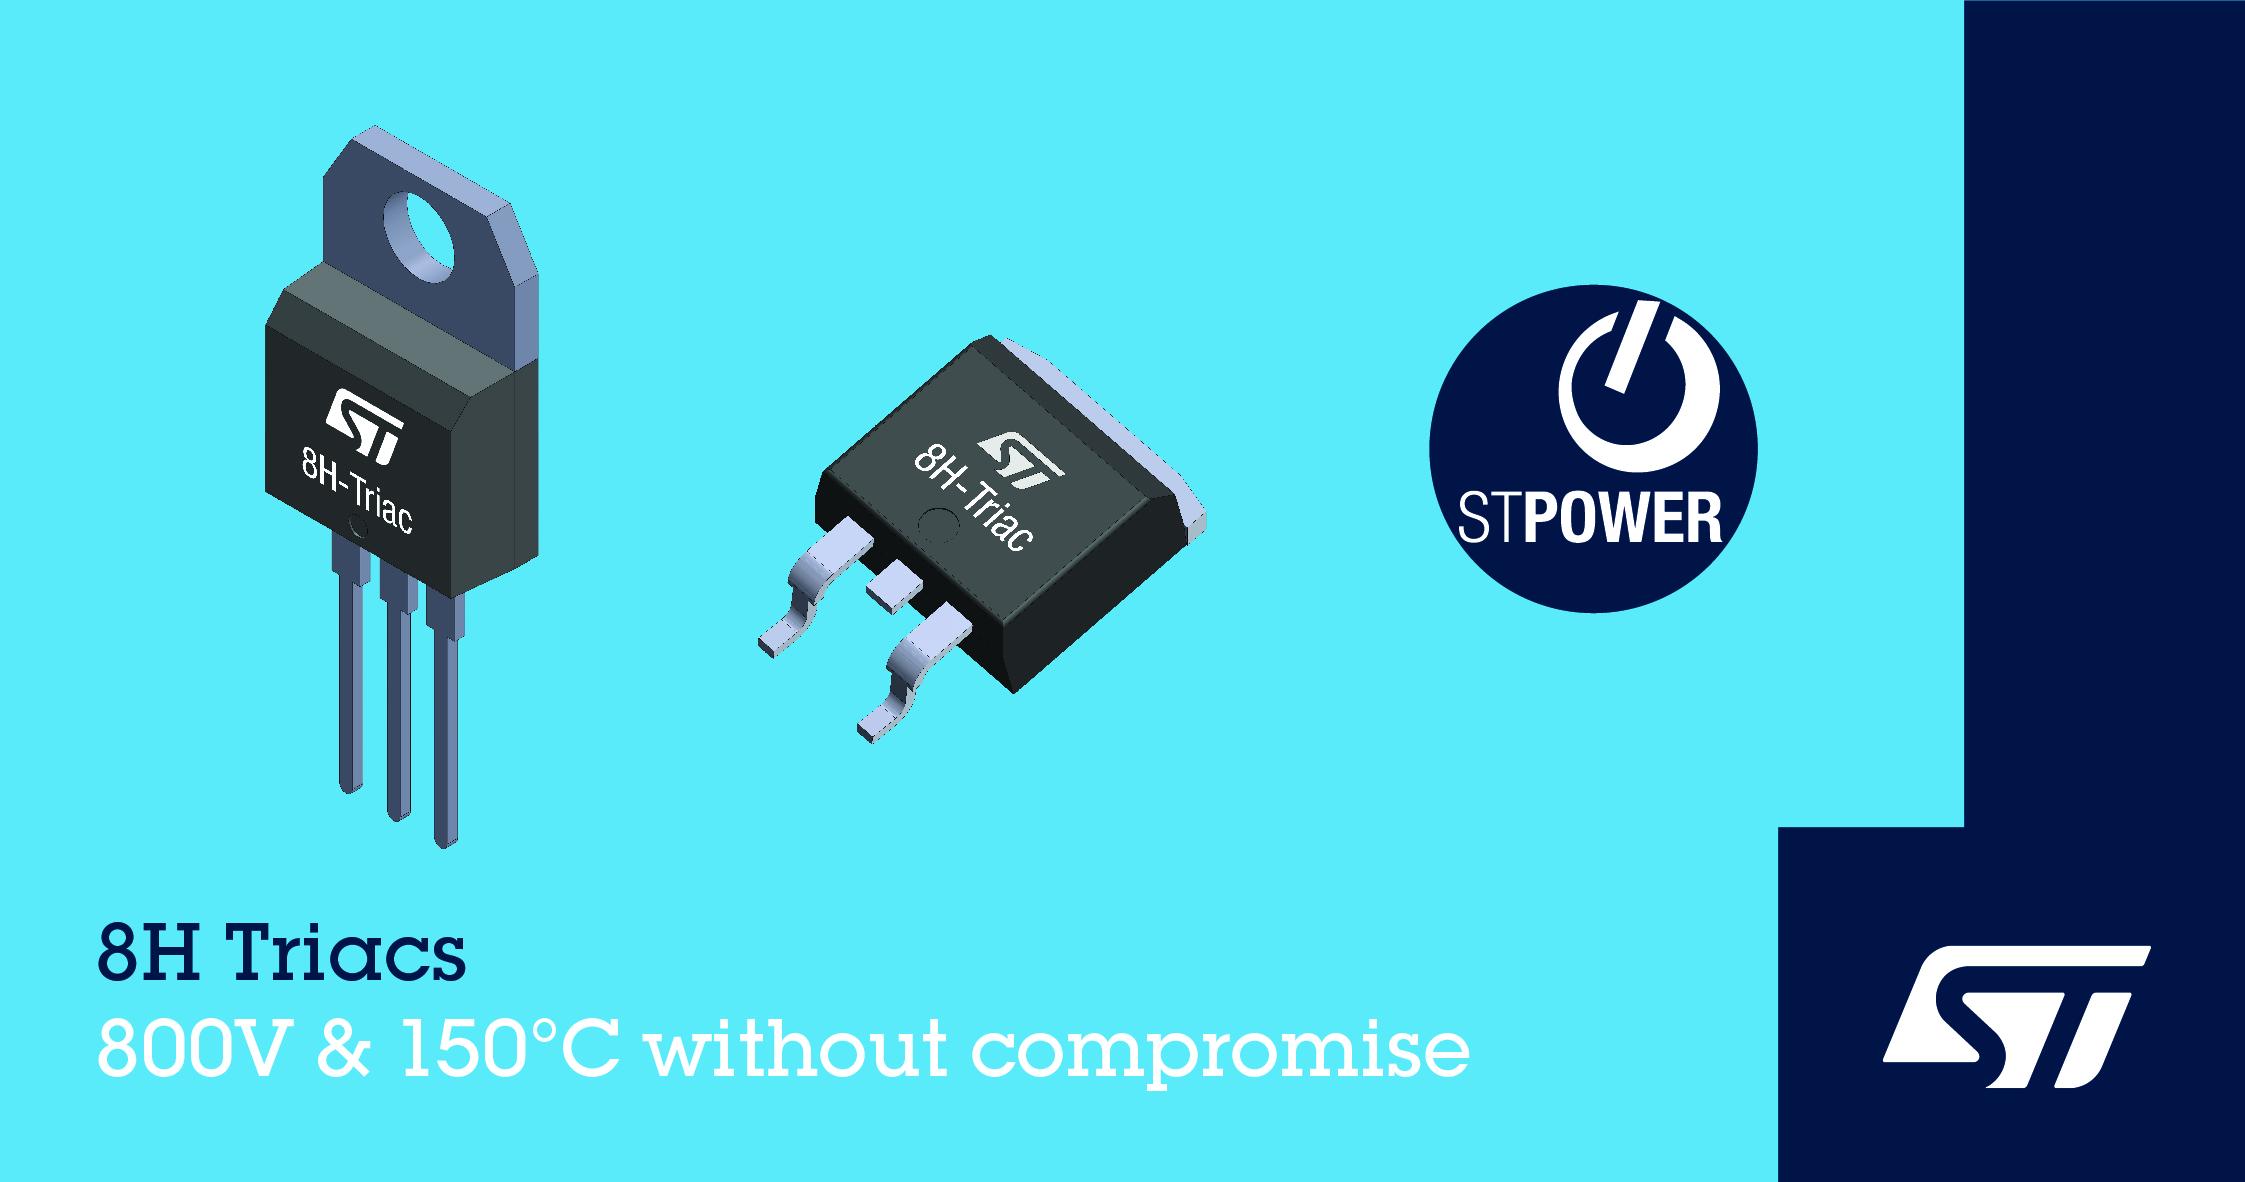 意法半导体发布高温Snubberless™800V H系列可控硅 可节省空间,提高可靠性